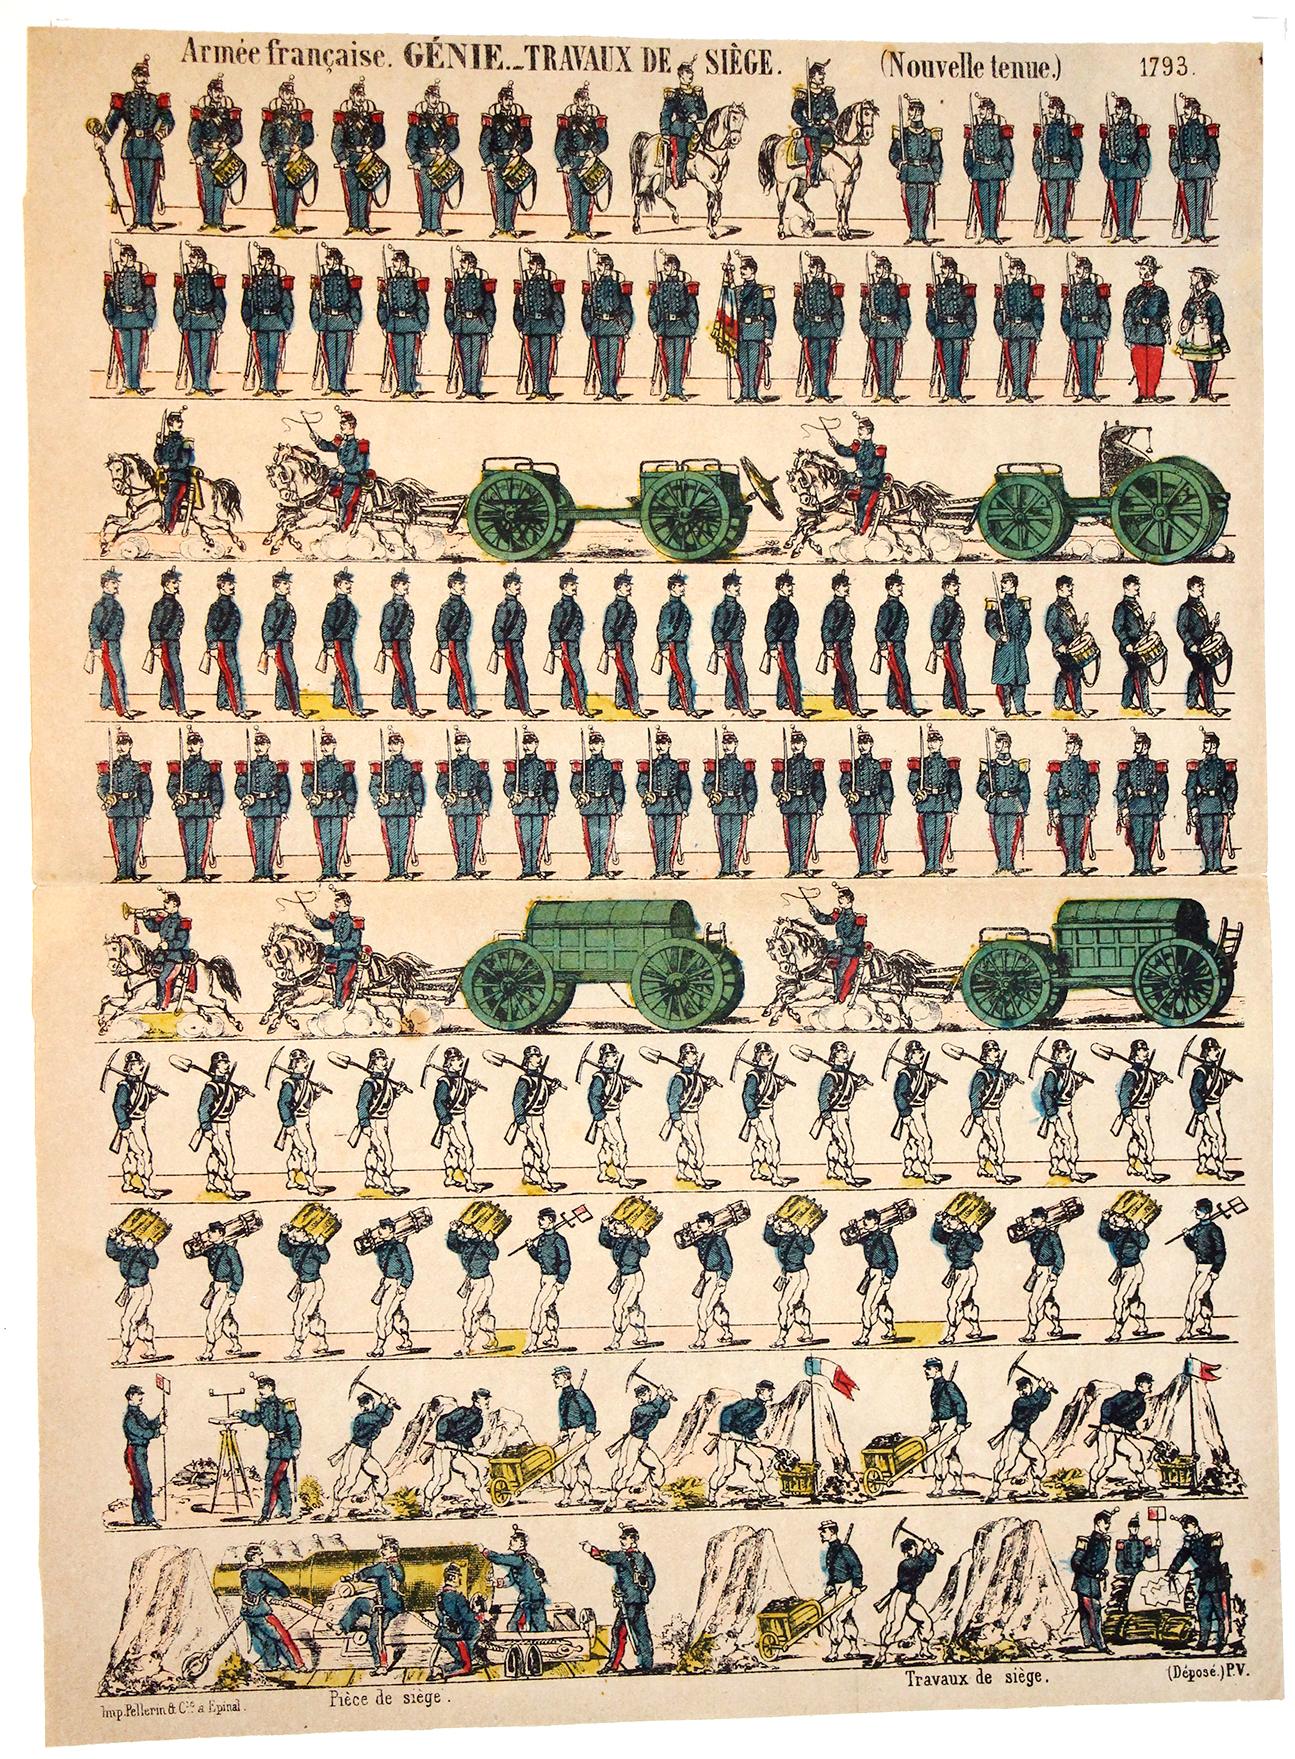 Planche imagerie Epinal - Pellerin Editeur - N°1793 - Génie - Armée Française - Travaux de siège